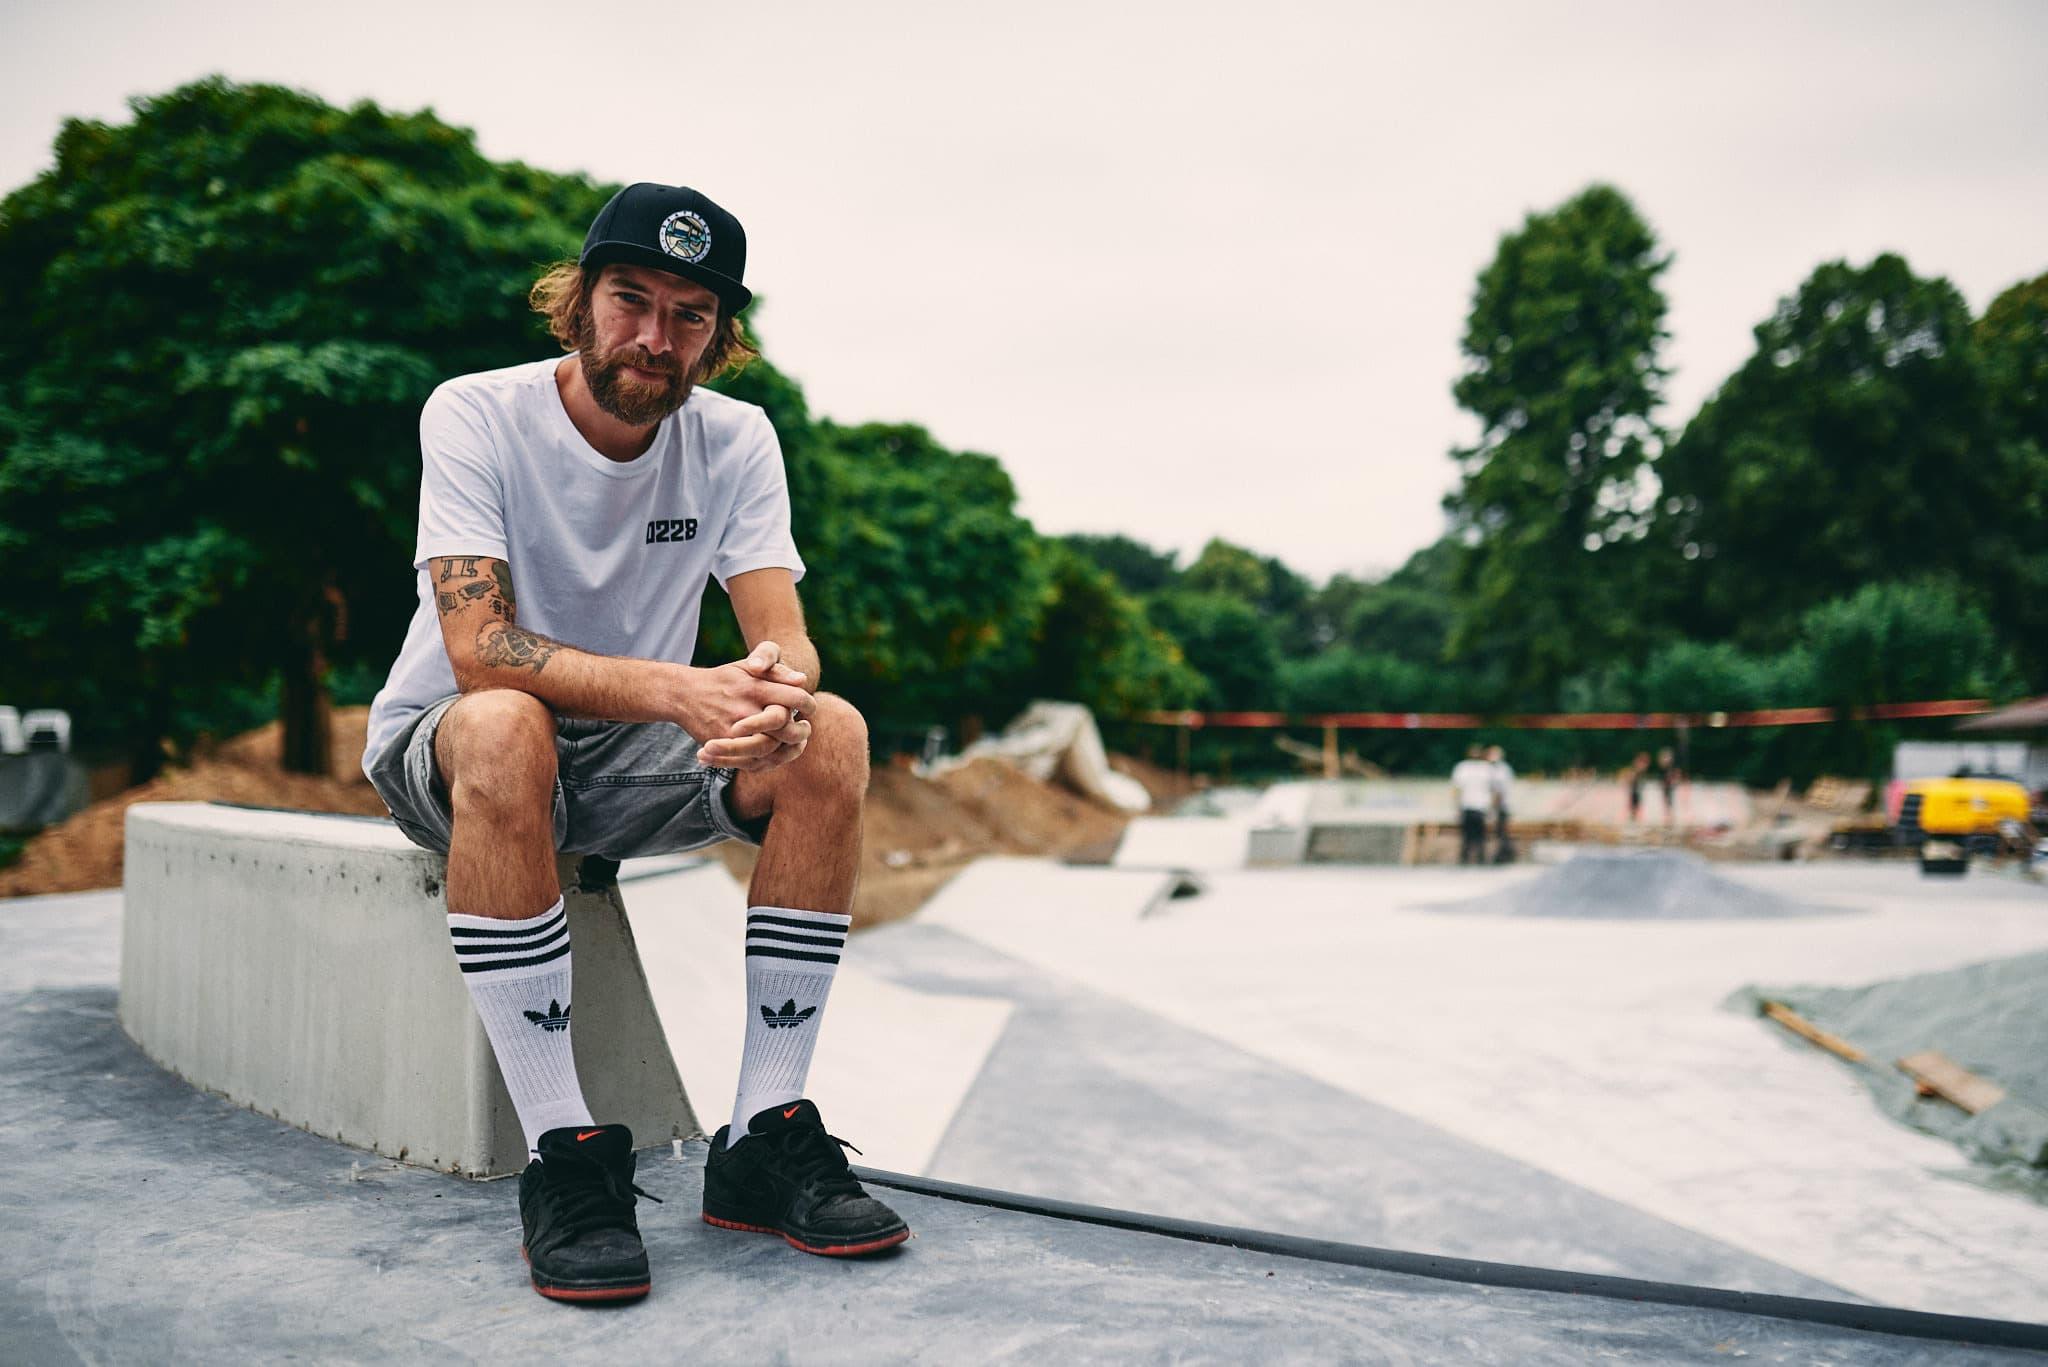 Ganzkörper Portrait von Philipp Nehren im Skatepark Bonn.